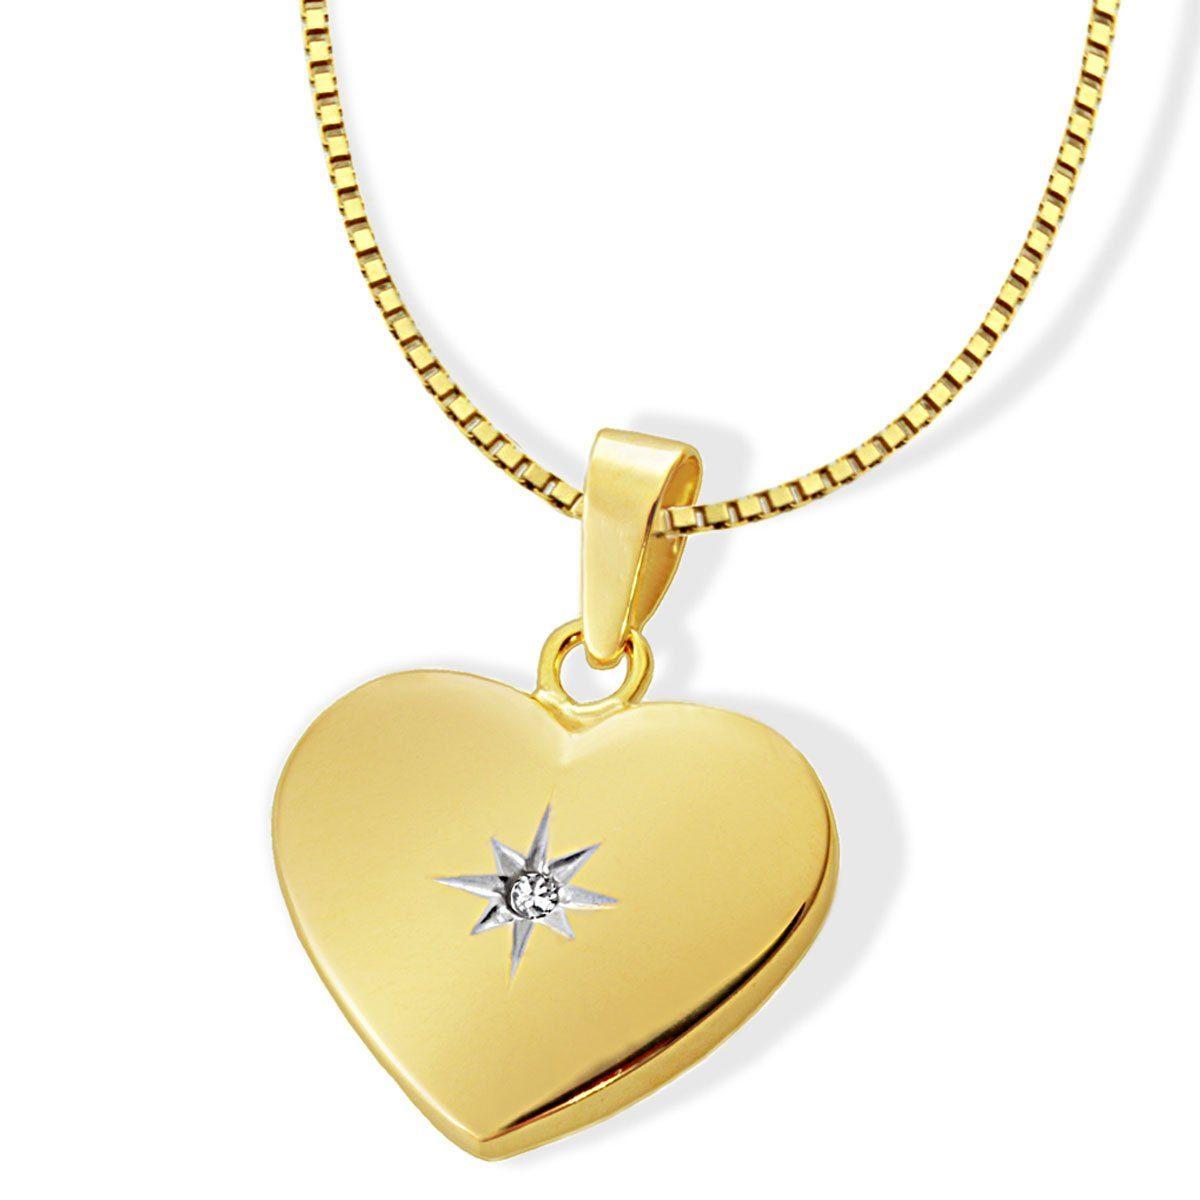 goldmaid Collier Herz mit Stern 375/- Gelbgold 1 Diamant 0,01 ct. P2/KL